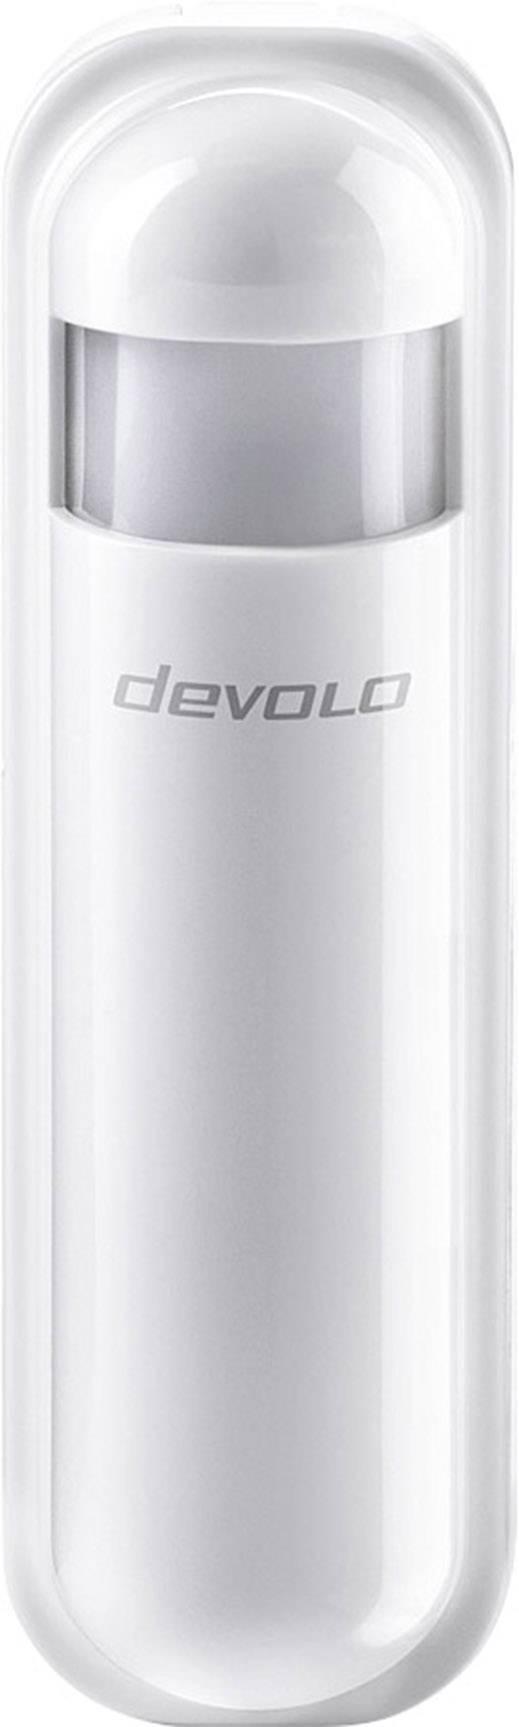 Bezdrôtový detektor pohybu Devolo Devolo Home Control 9357, Max. dosah 100 m